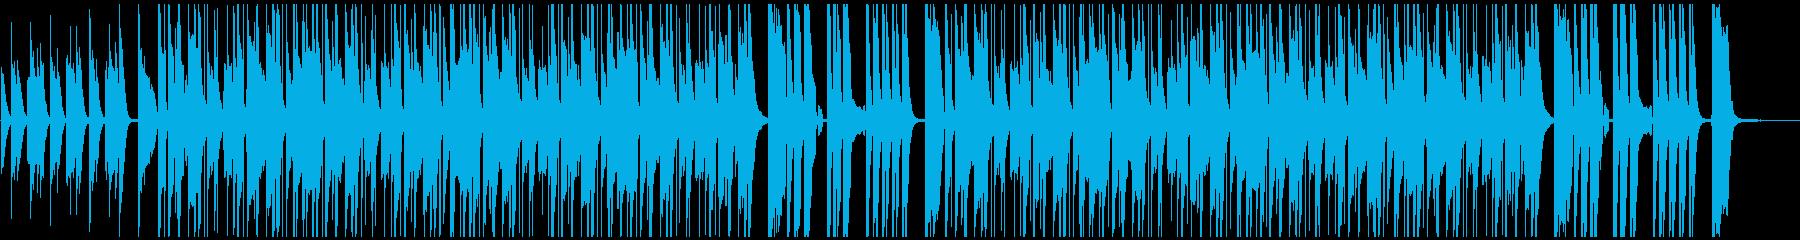 ほのぼのとした日常系BGMの再生済みの波形